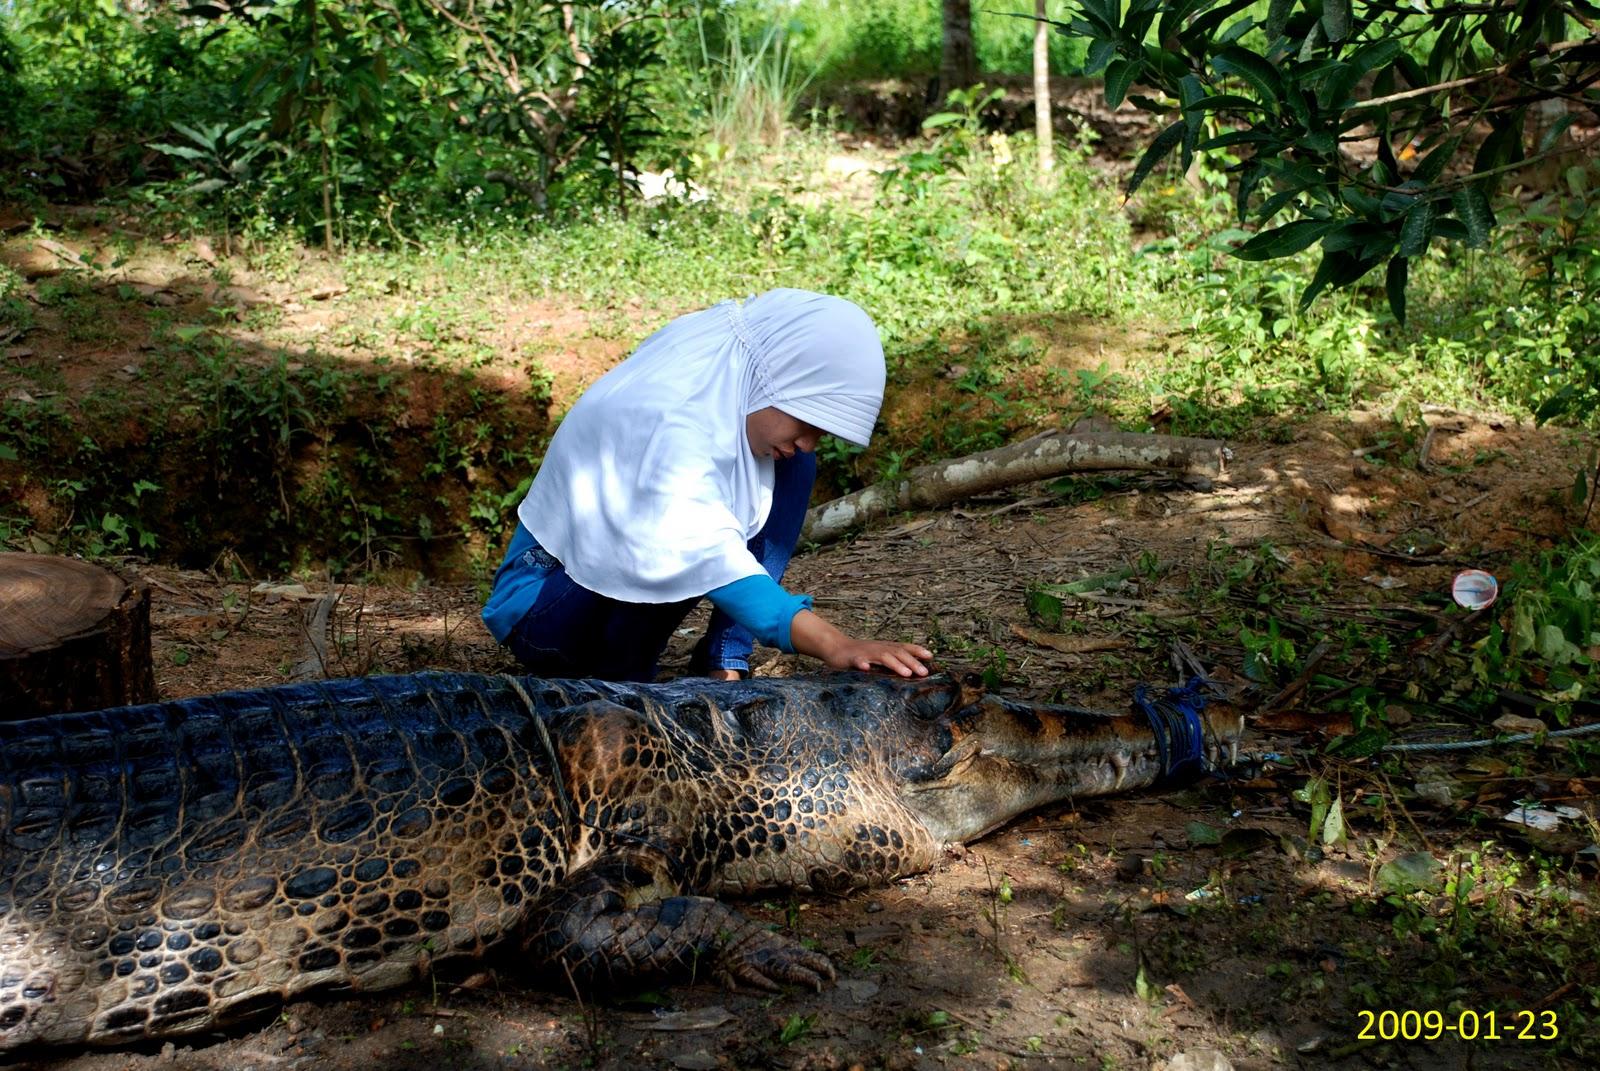 Questões e Fatos sobre Crocodilianos gigantes: Transferência de debate da comunidade Conflitos Selvagens.  - Página 2 Girl+tomi+yu